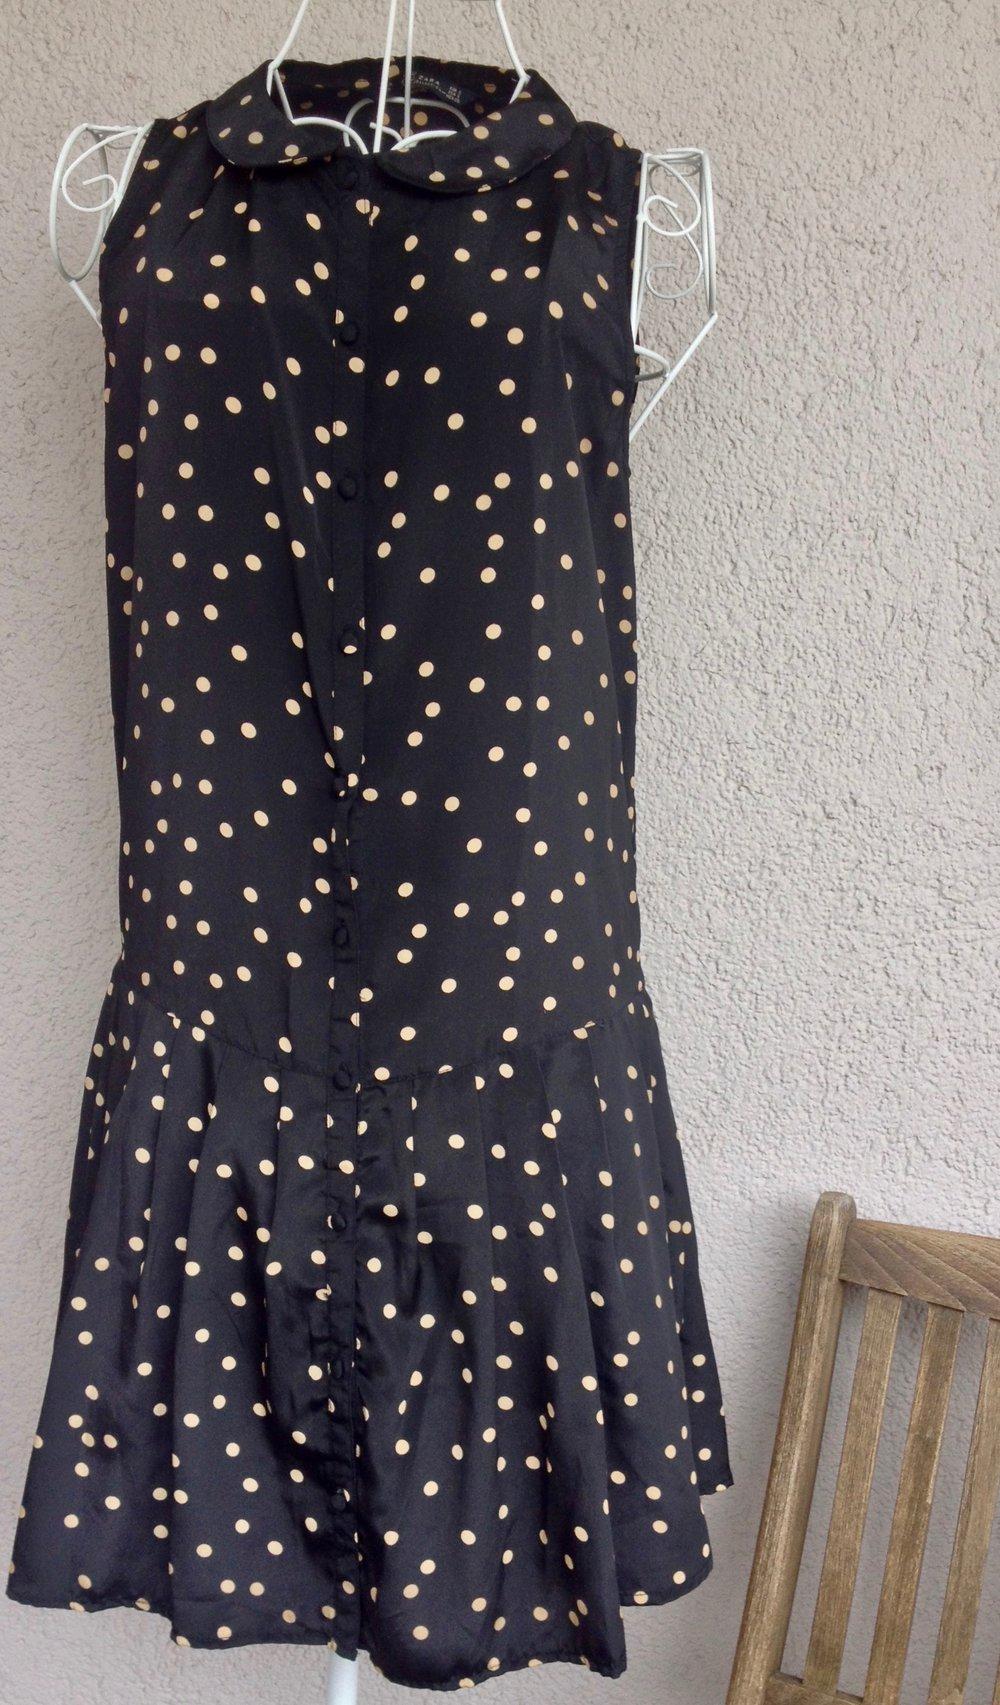 Zara wunderschönes Kleid mit Punkten :: Kleiderkorb.ch